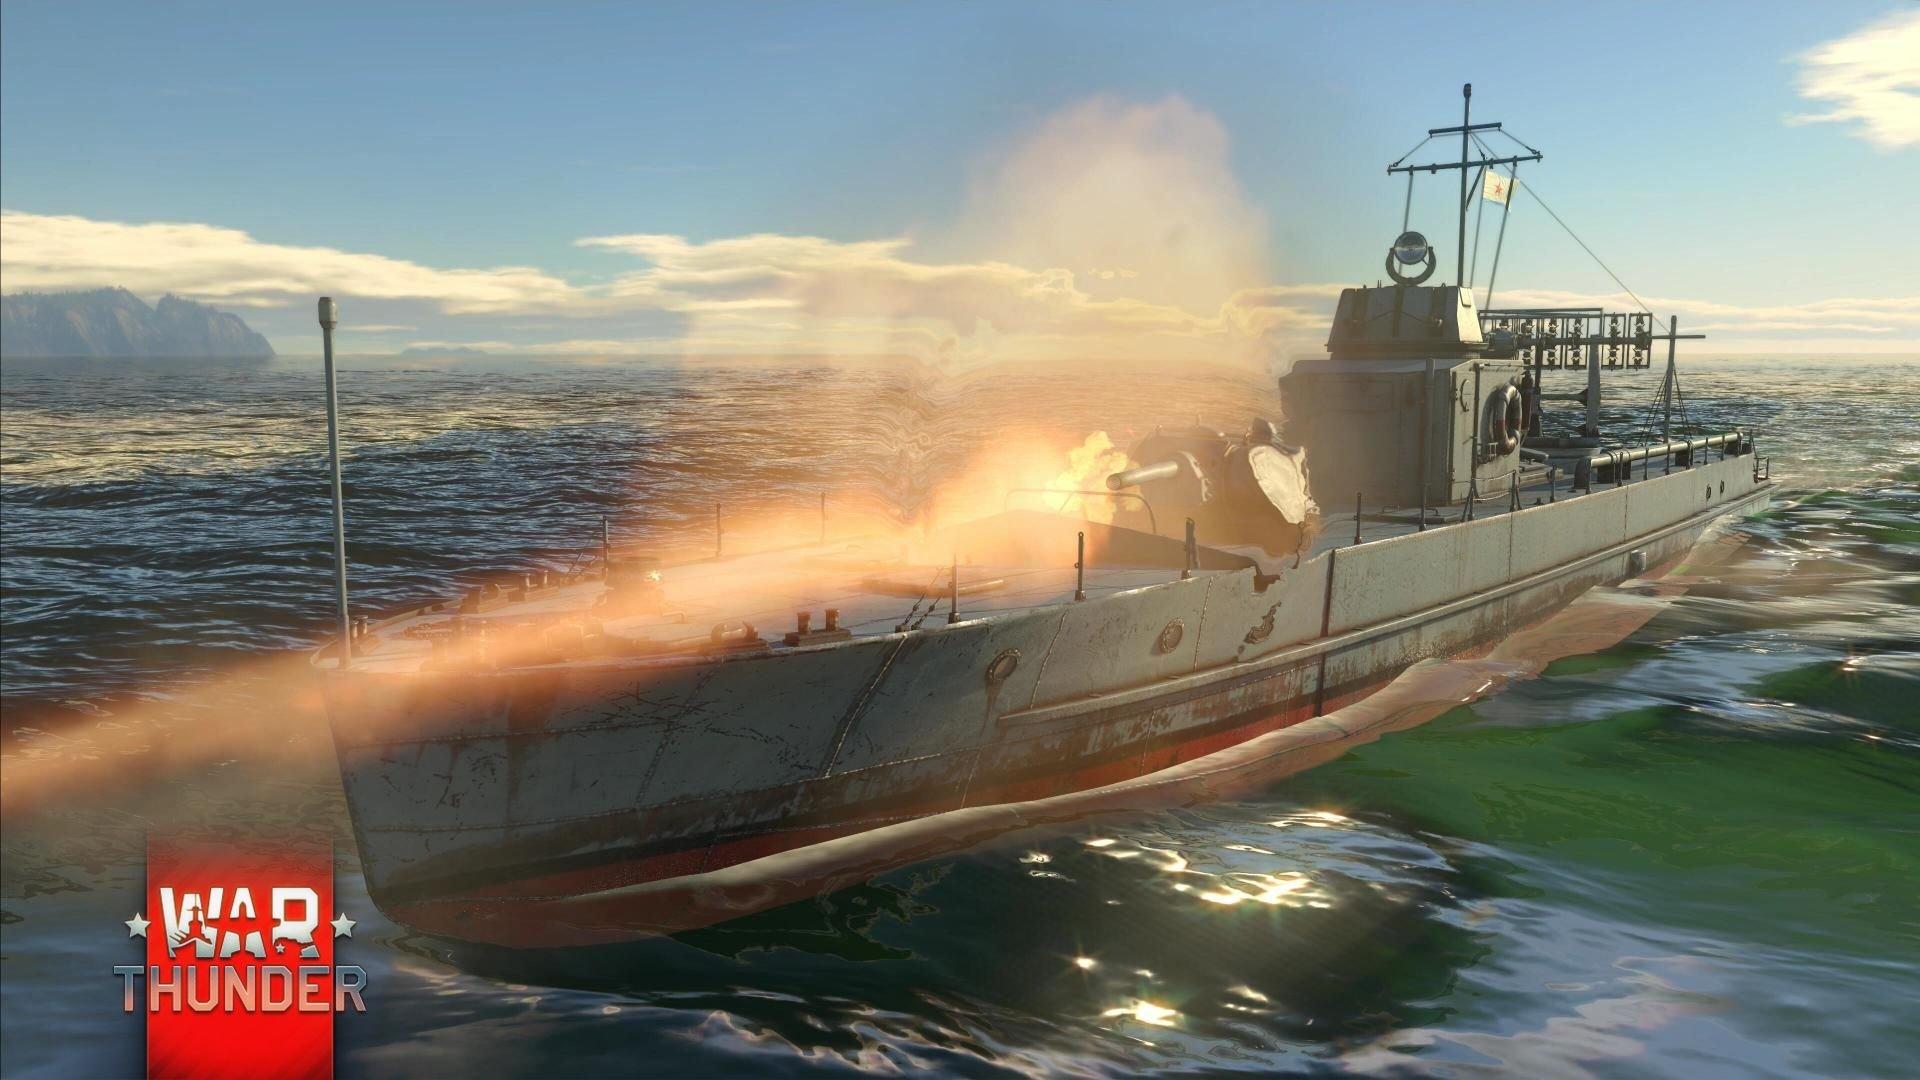 War Thunder Se Ampliara Este Ano Con Las Batallas Navales